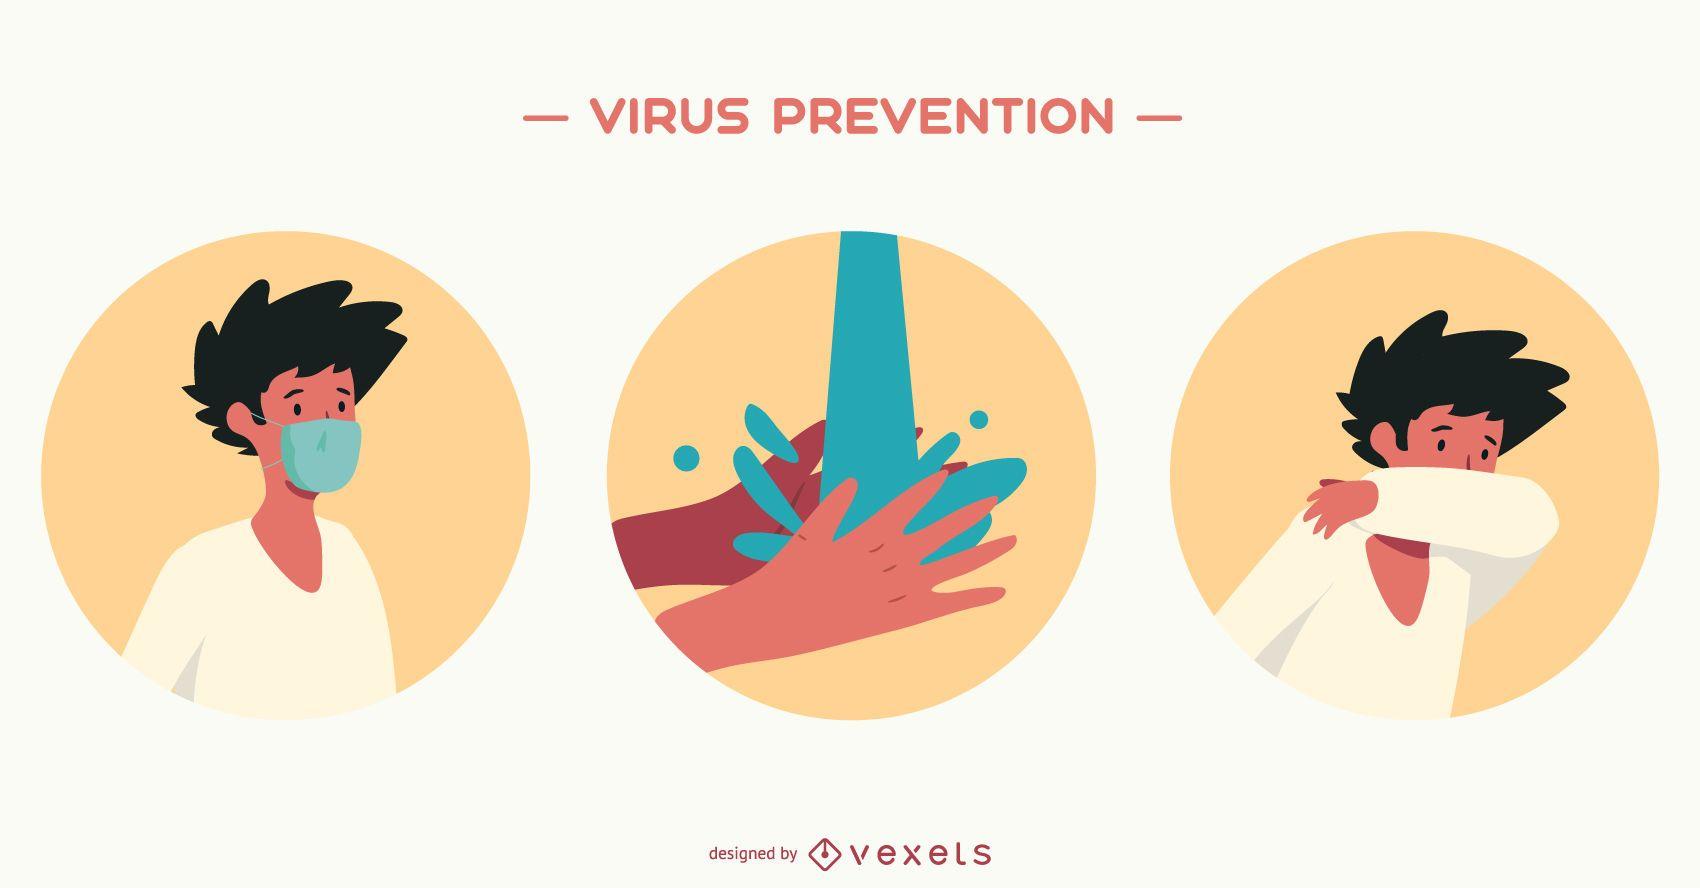 Virus prevention illustration set